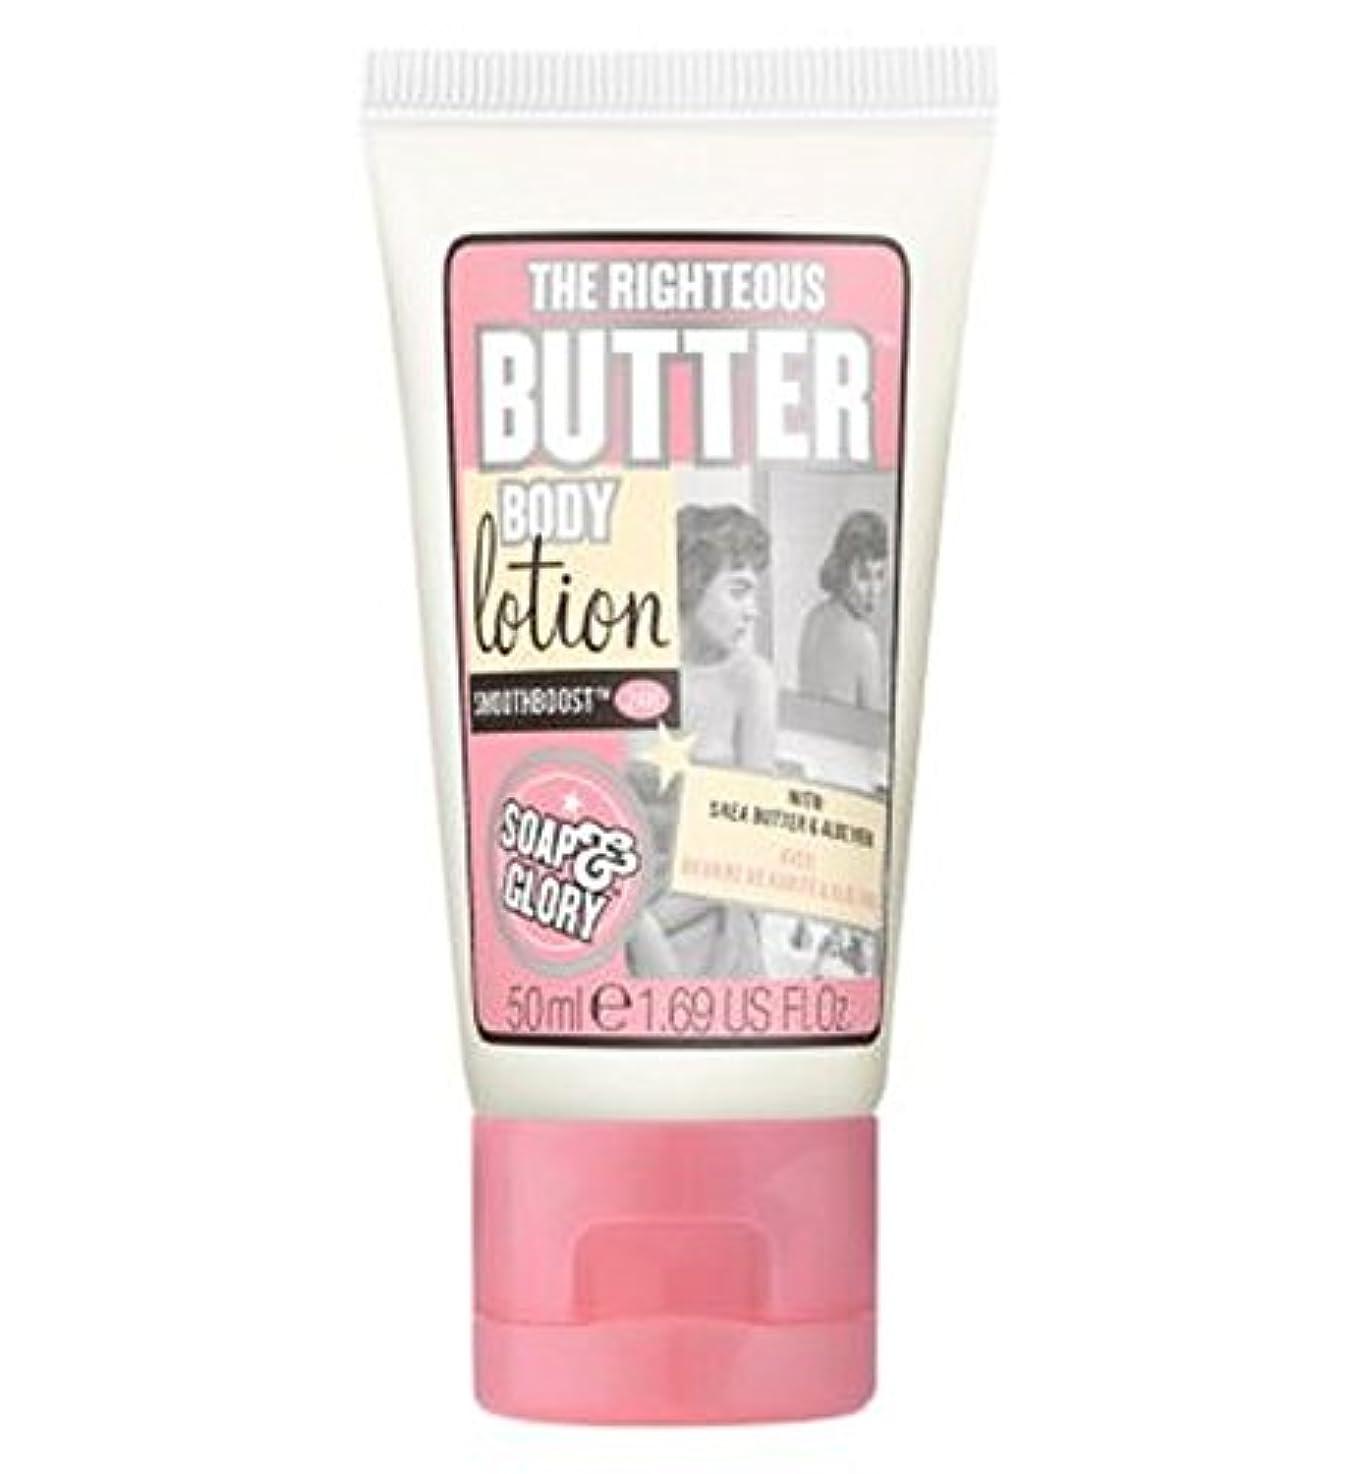 ジェームズダイソン疾患後ろに石鹸&栄光正義のバターローション50ミリリットル (Soap & Glory) (x2) - Soap & Glory The Righteous Butter Lotion 50ml (Pack of 2) [並行輸入品]